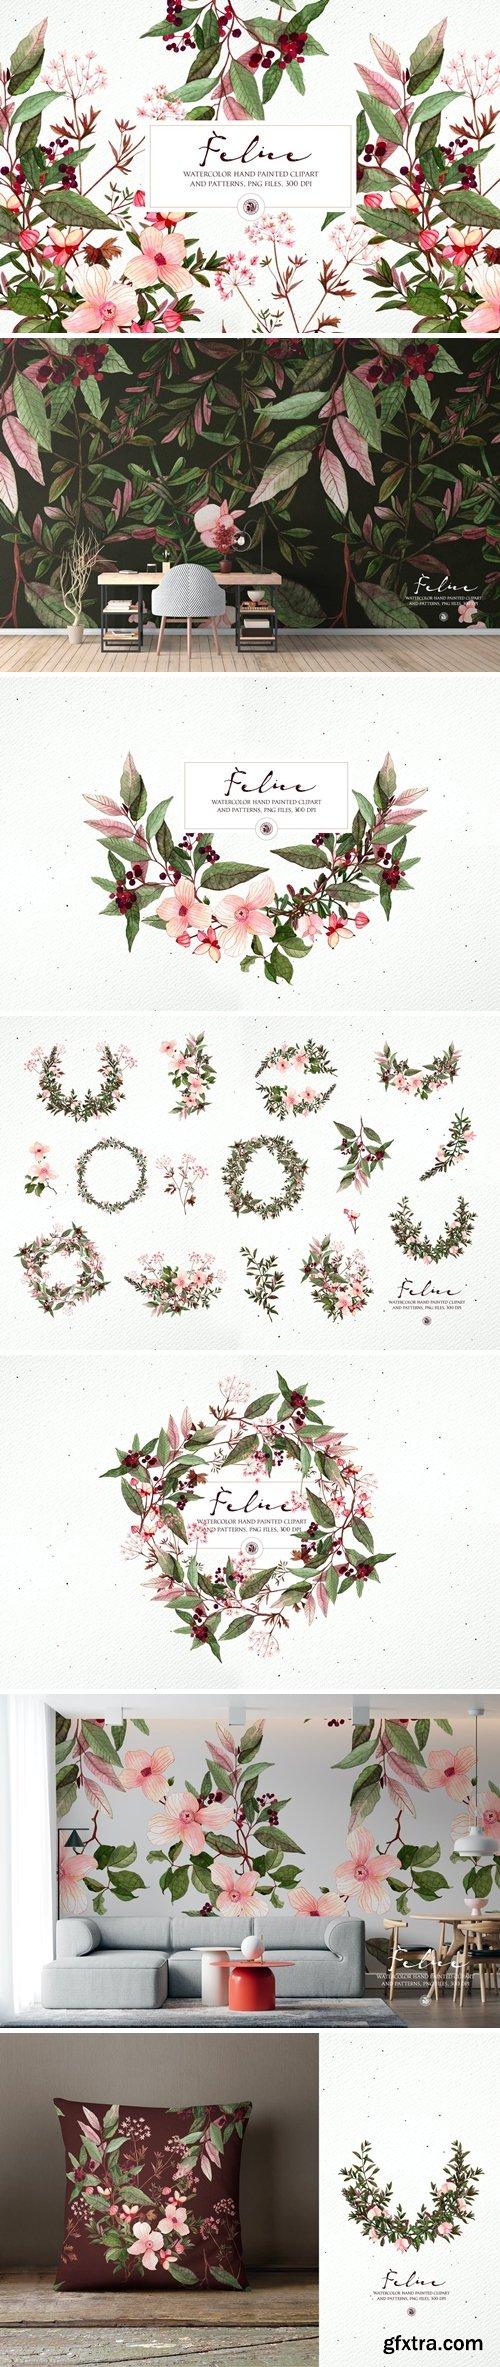 Felice - watercolor floral set